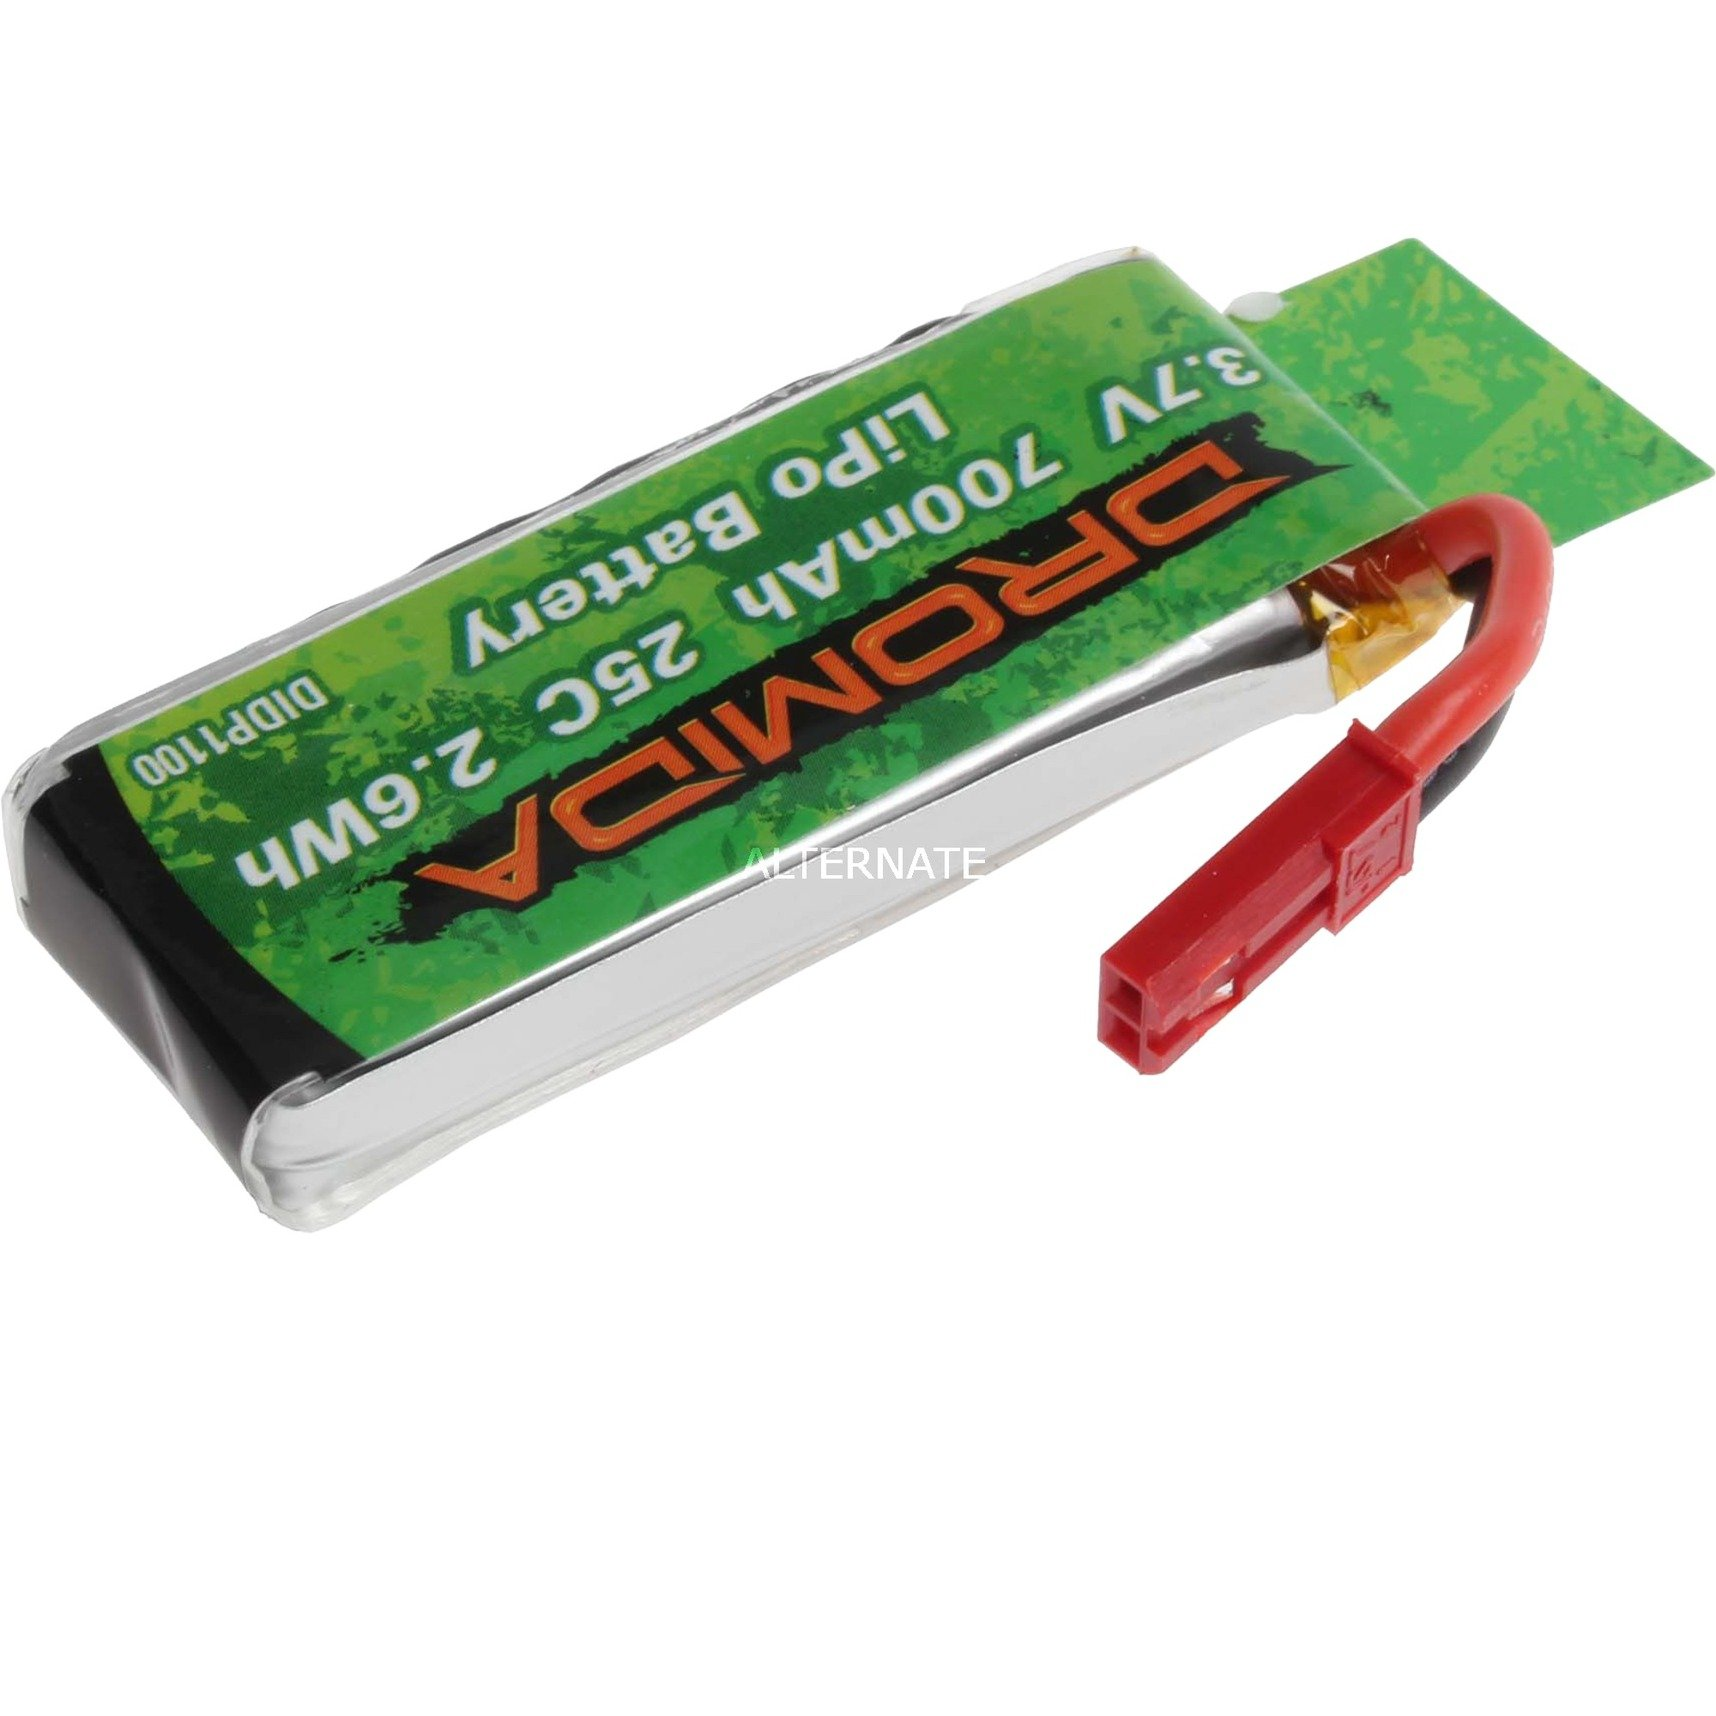 44192 Batteridrevet Radio-kontrolleret (RC) modeldel, Droner batteri